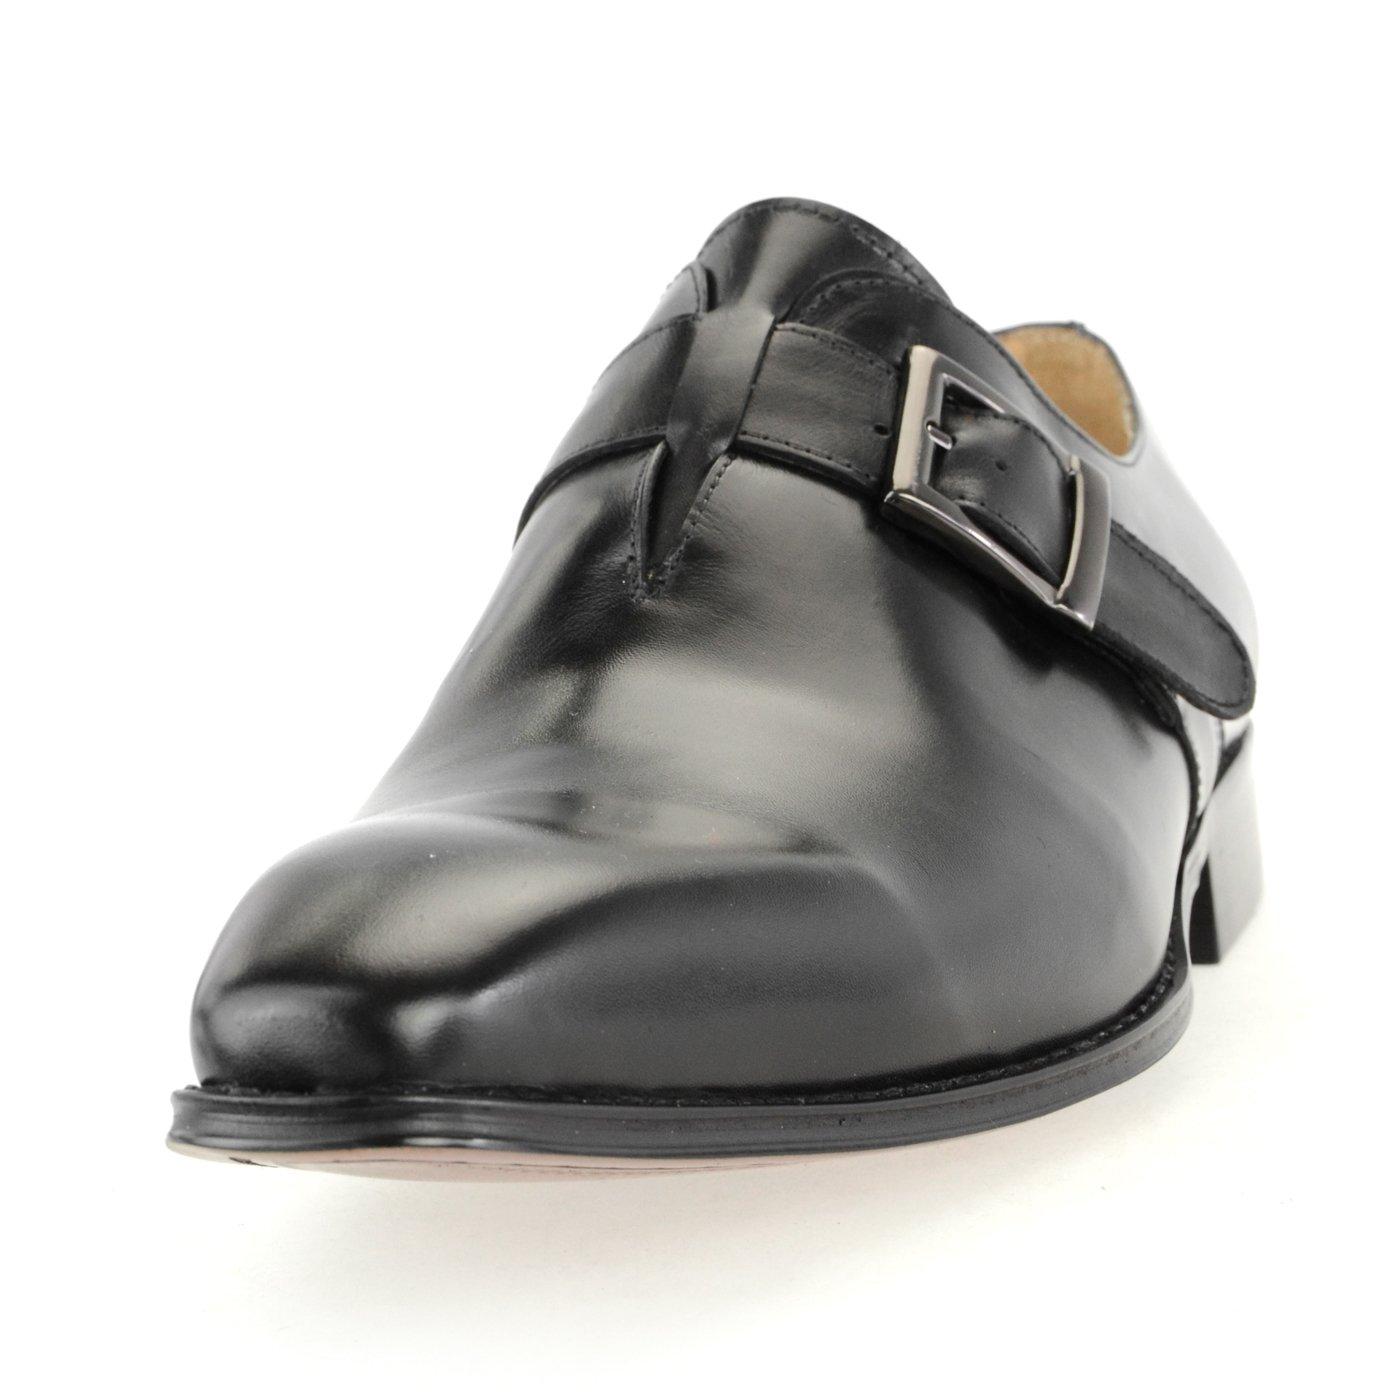 専門店では [ルシウス] 本革 3E 20種類から選ぶ cm レザー メンズ ダブル モンクストラップ メダリオン 26.0 ストレートチップ 革靴 紳士靴 B076DMYDQY 2015-24 ブラック 26.0 cm 3E 26.0 cm 3E|2015-24 ブラック, インテリアプランツナトゥーラ:95285c97 --- ballyshannonshow.com